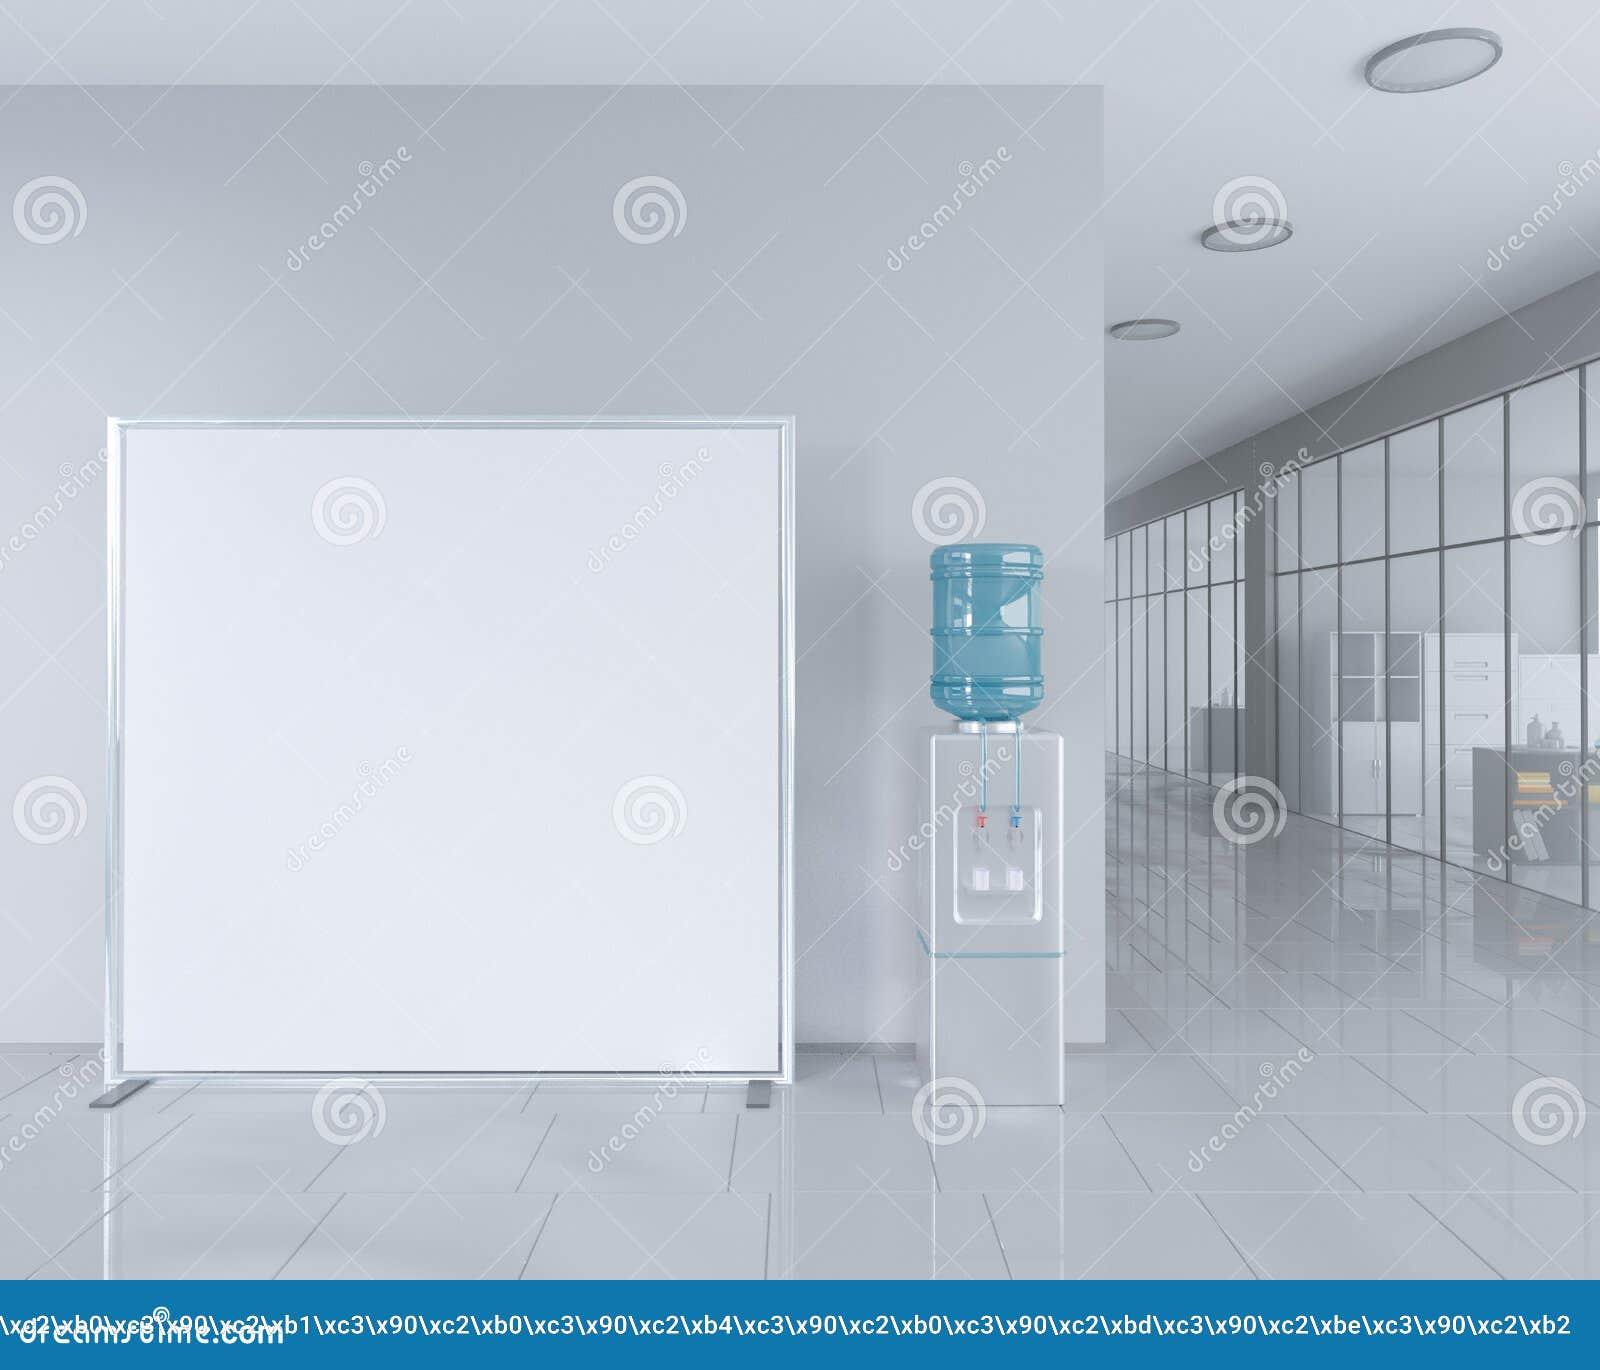 Tomt rulla upp banerställningen i ljus kontorsinre med den snabba banan runt om annonsställning illustration 3d